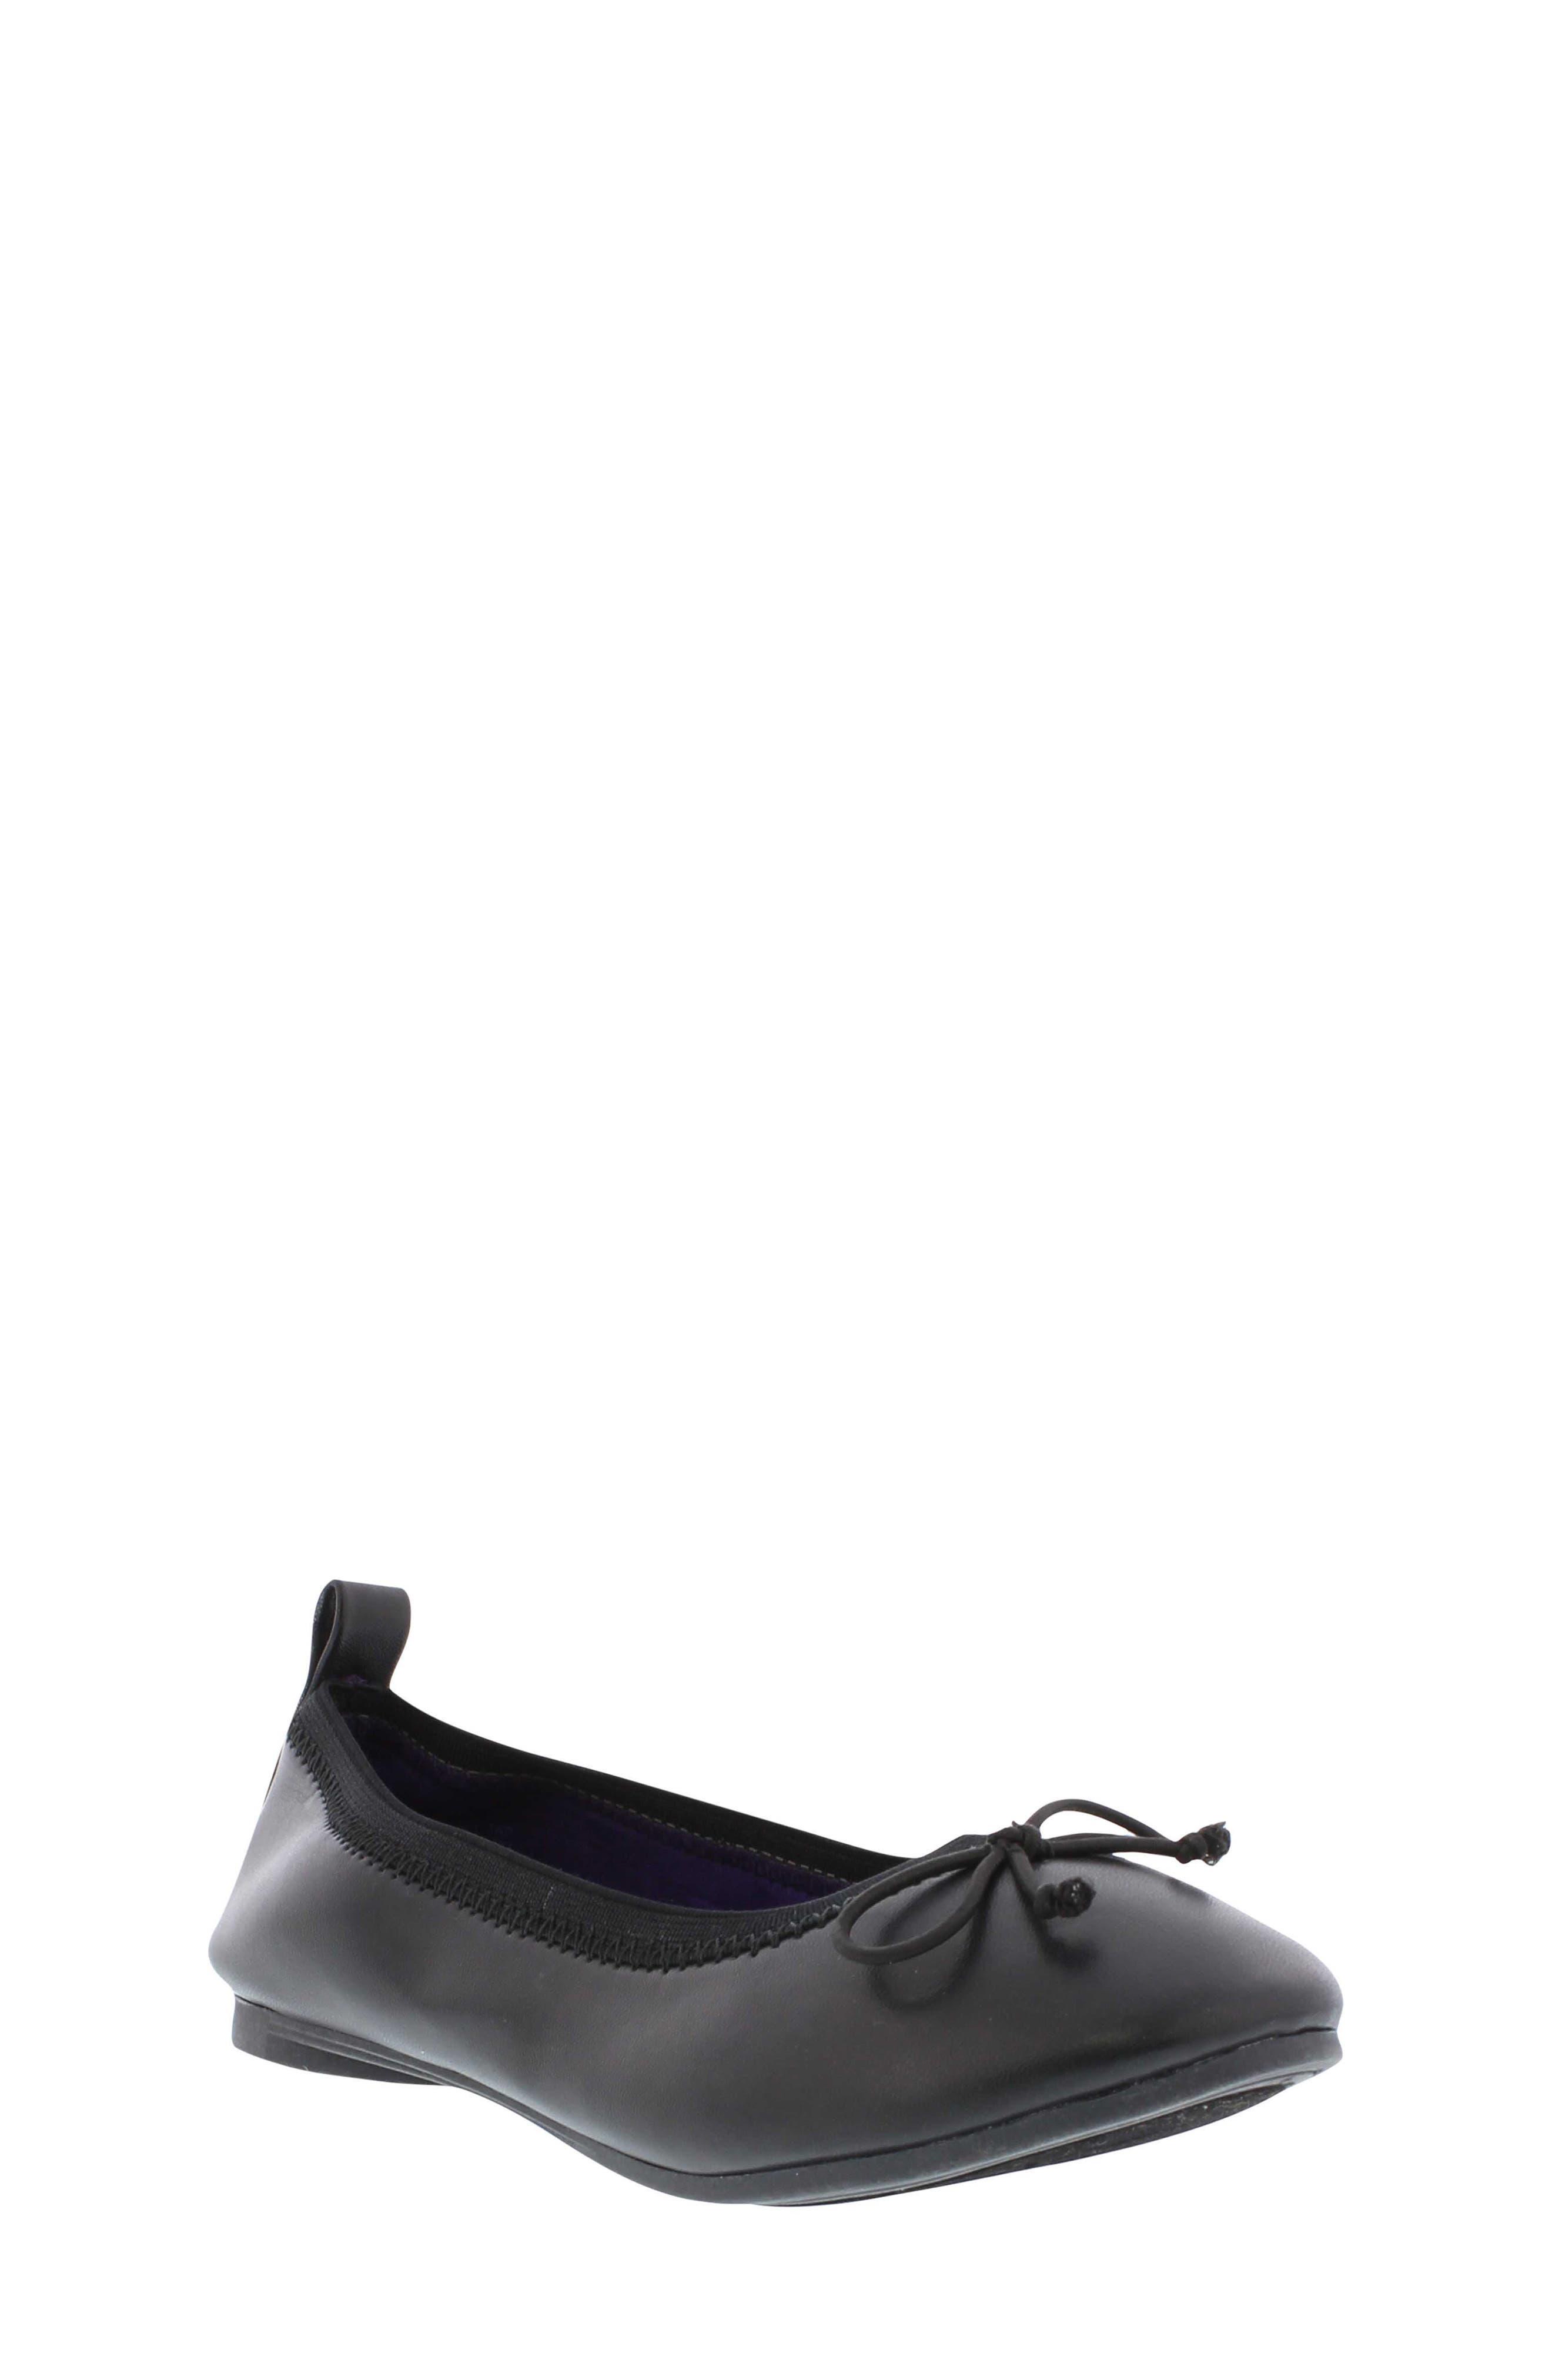 Copy Tap Ballet Flat,                         Main,                         color, Black